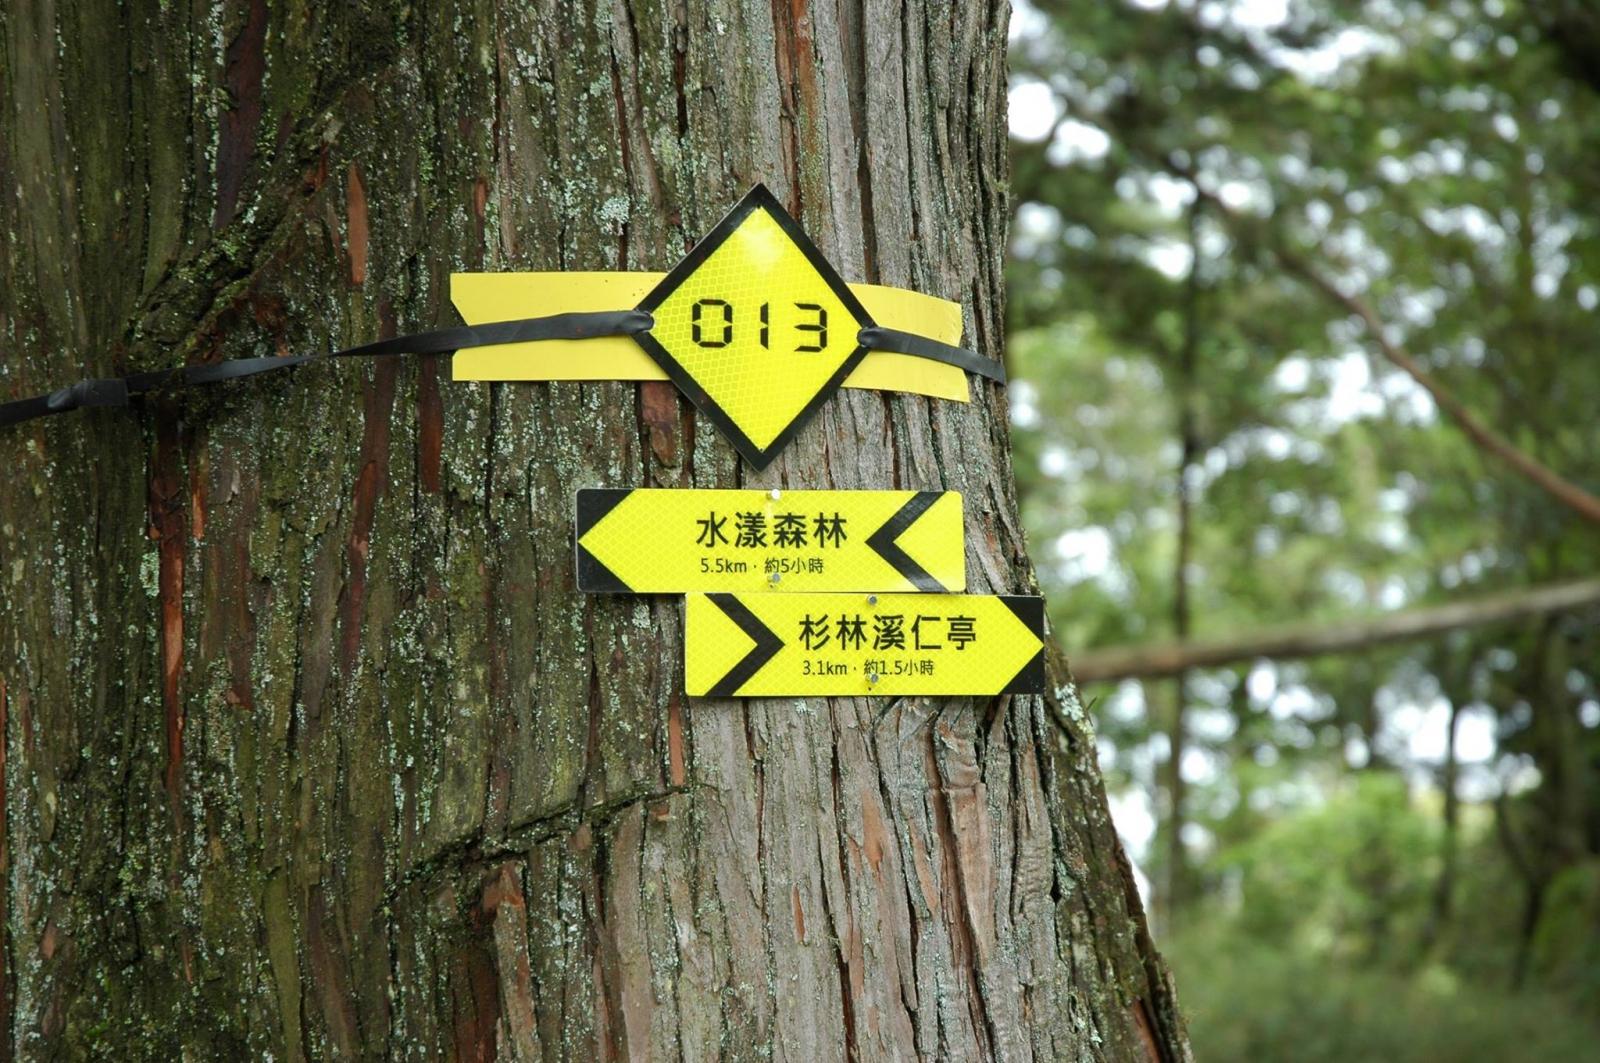 林務局規劃路徑標示